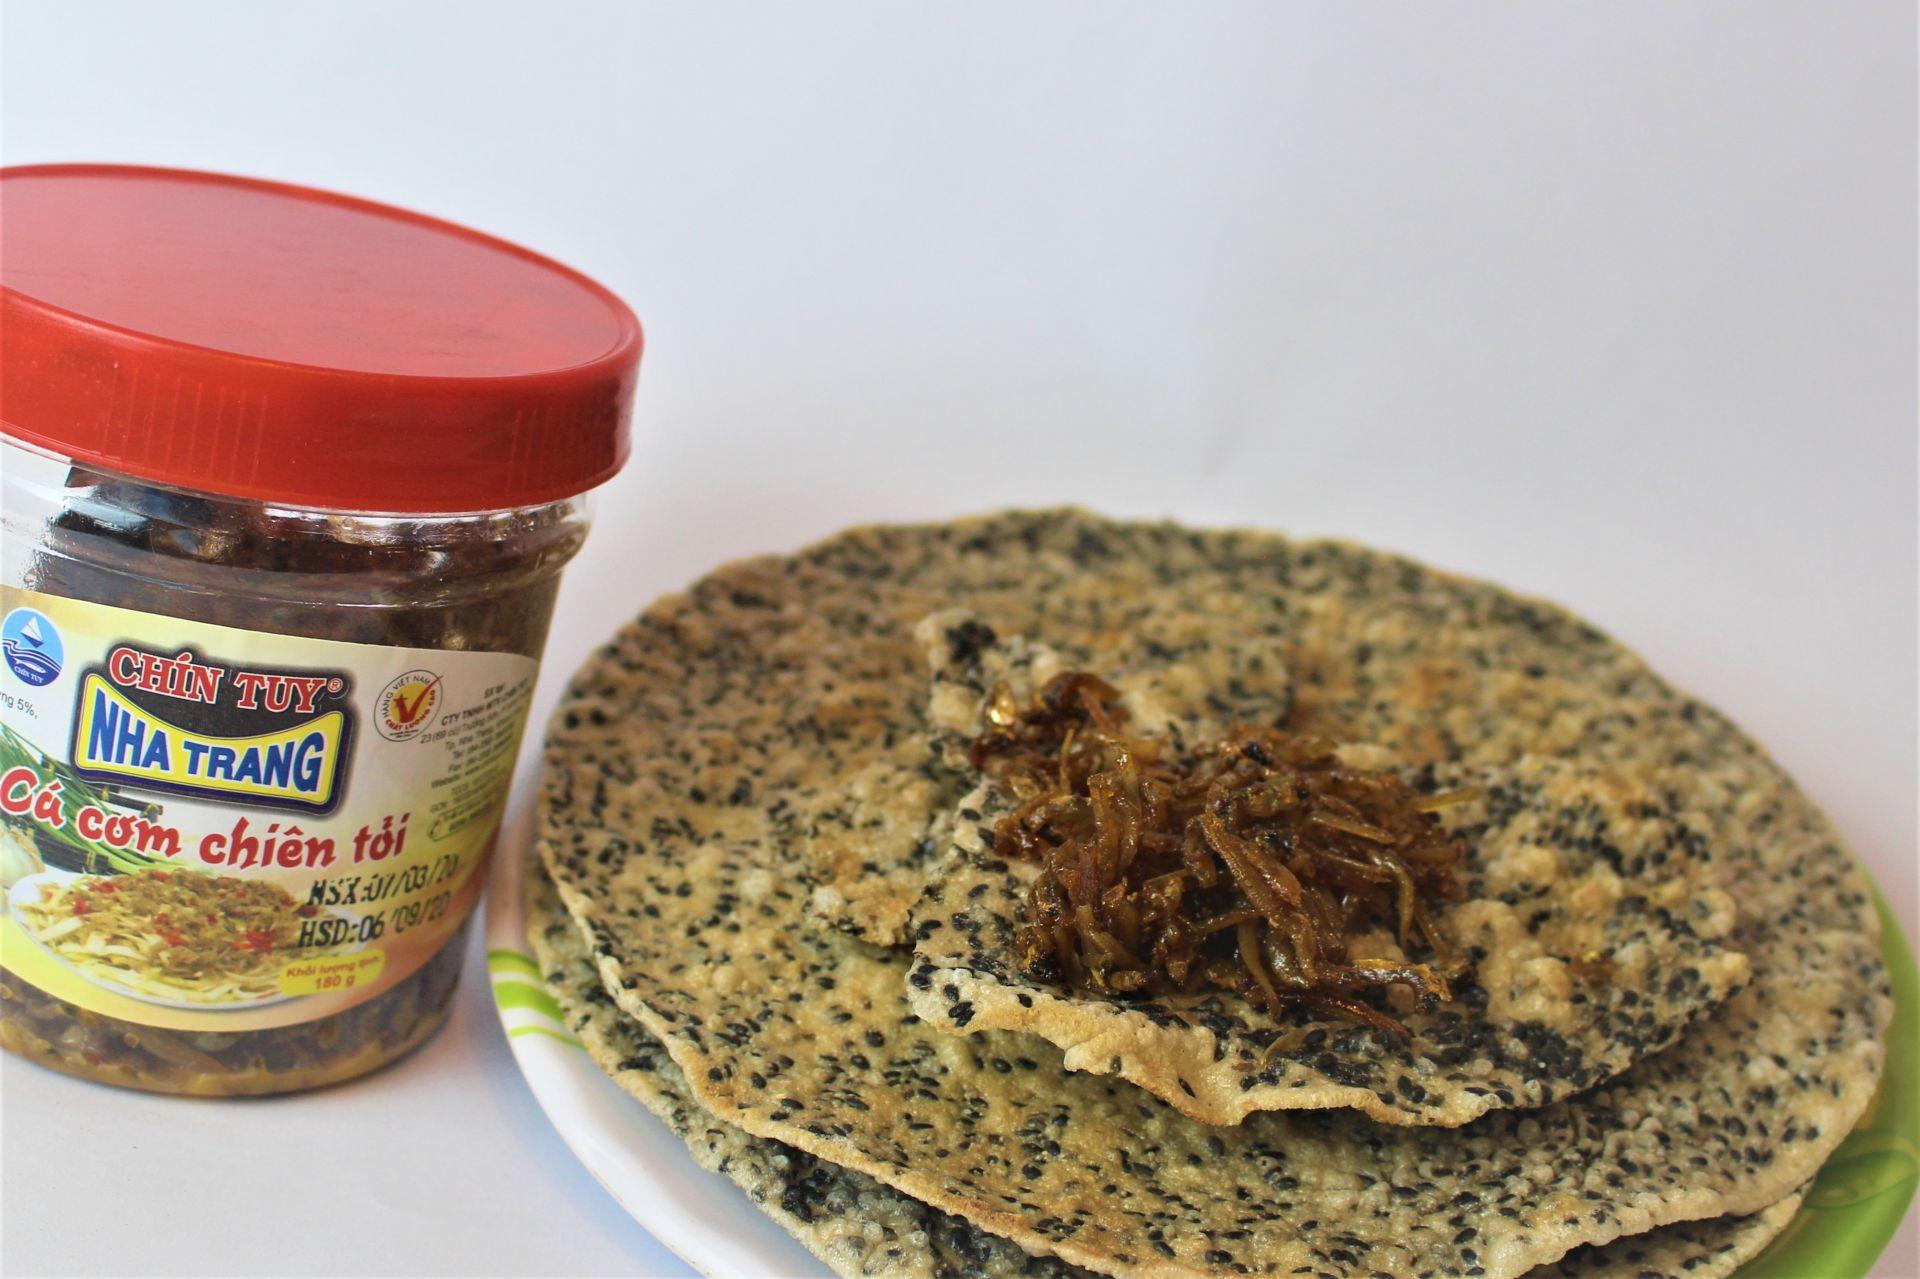 Bánh đa vừng đen ăn kèm cá cơm chiên tỏi Nha Trang do Vua Đặc Sản cung cấp